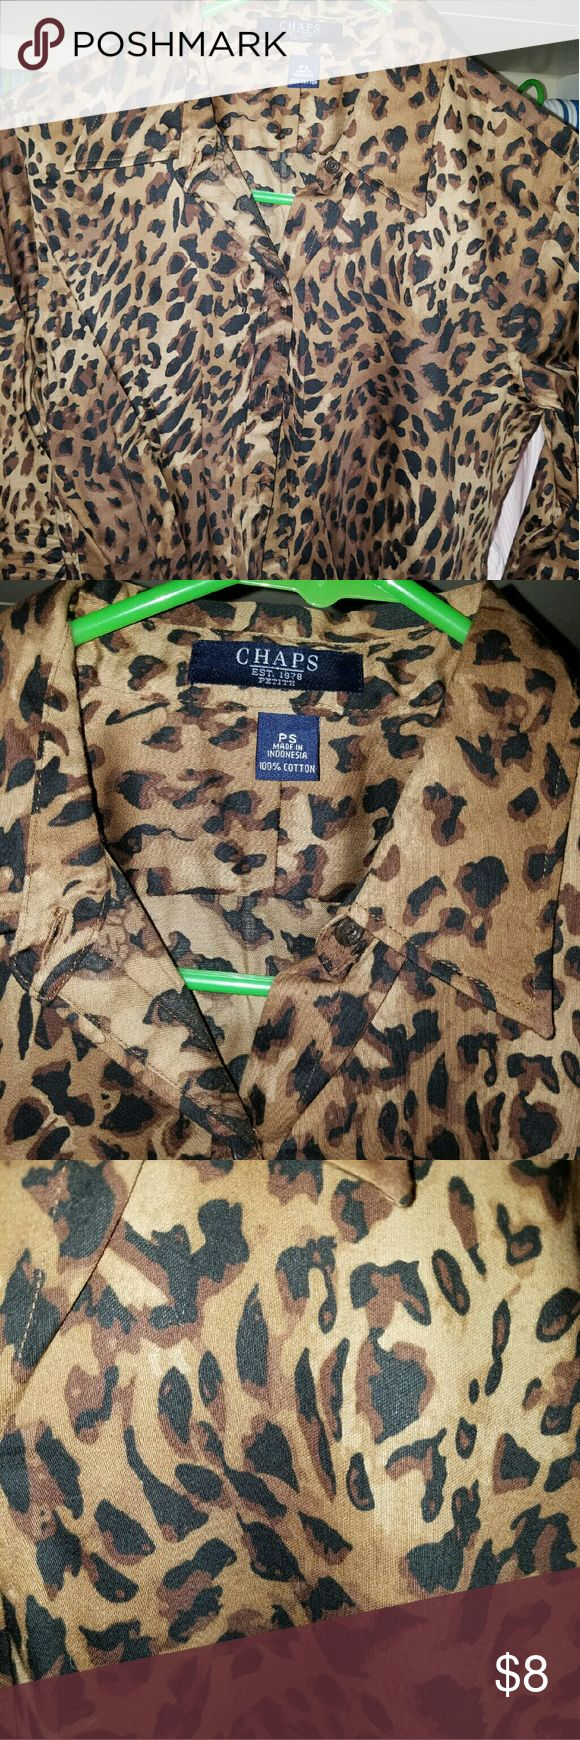 Cheetah print botton down Chaps cheetah print shirt Chaps Tops Button Down Shirts